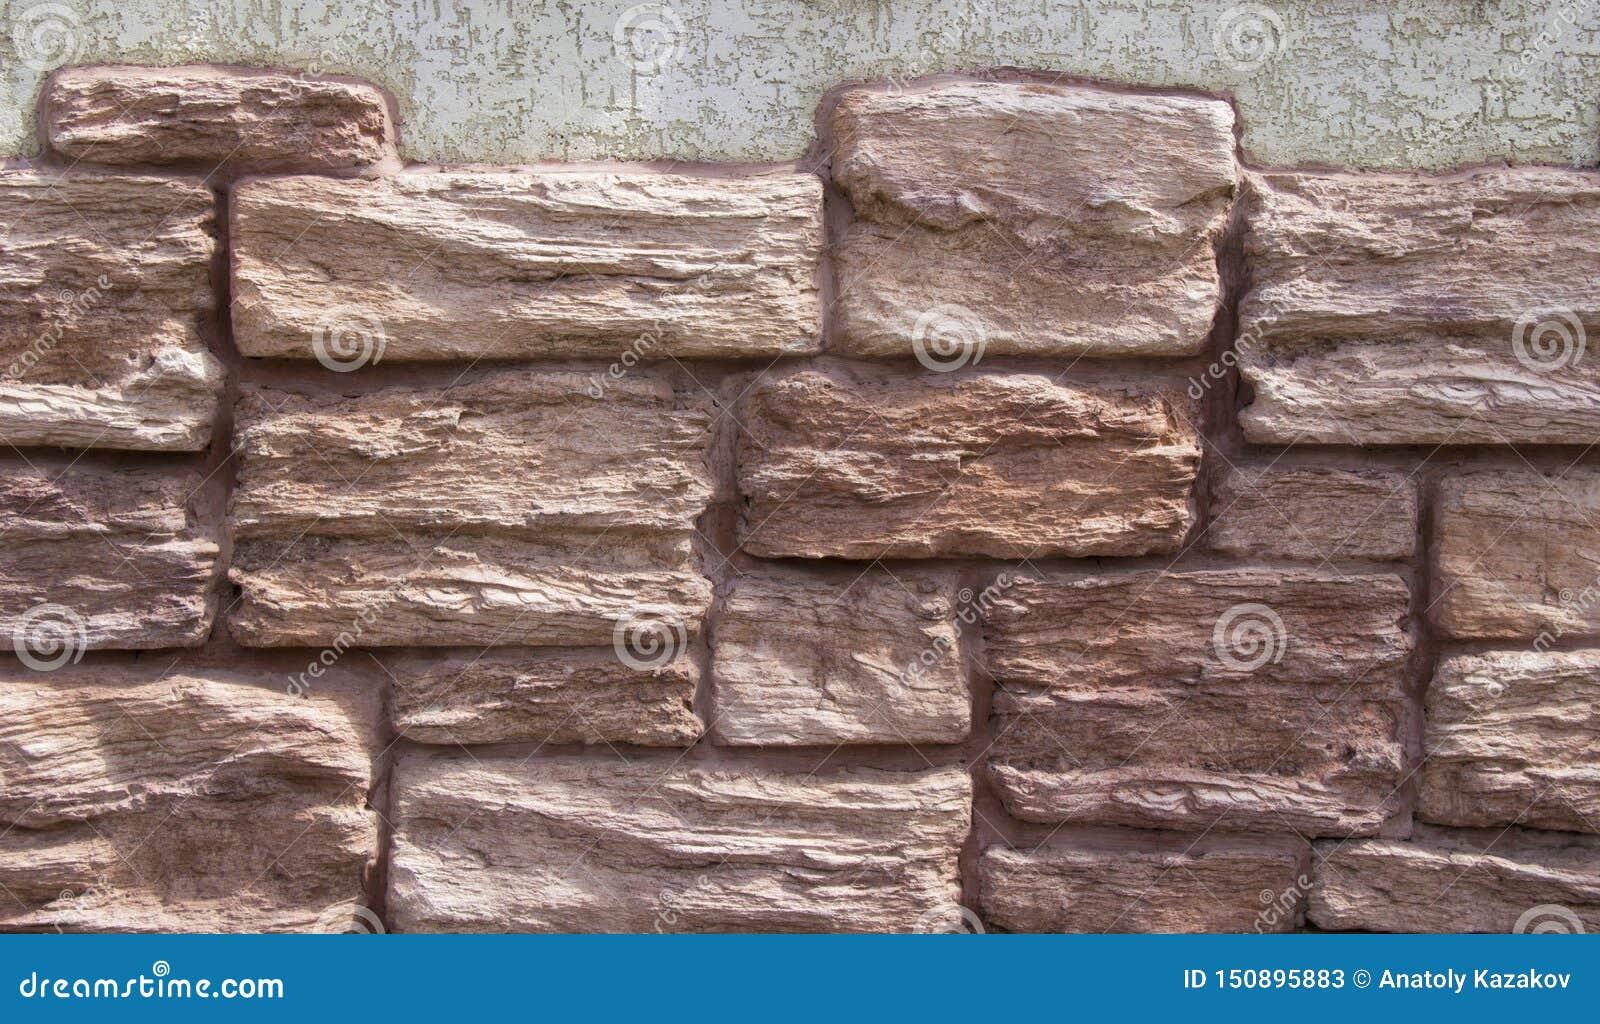 Современная грубая стена текстуры кирпича